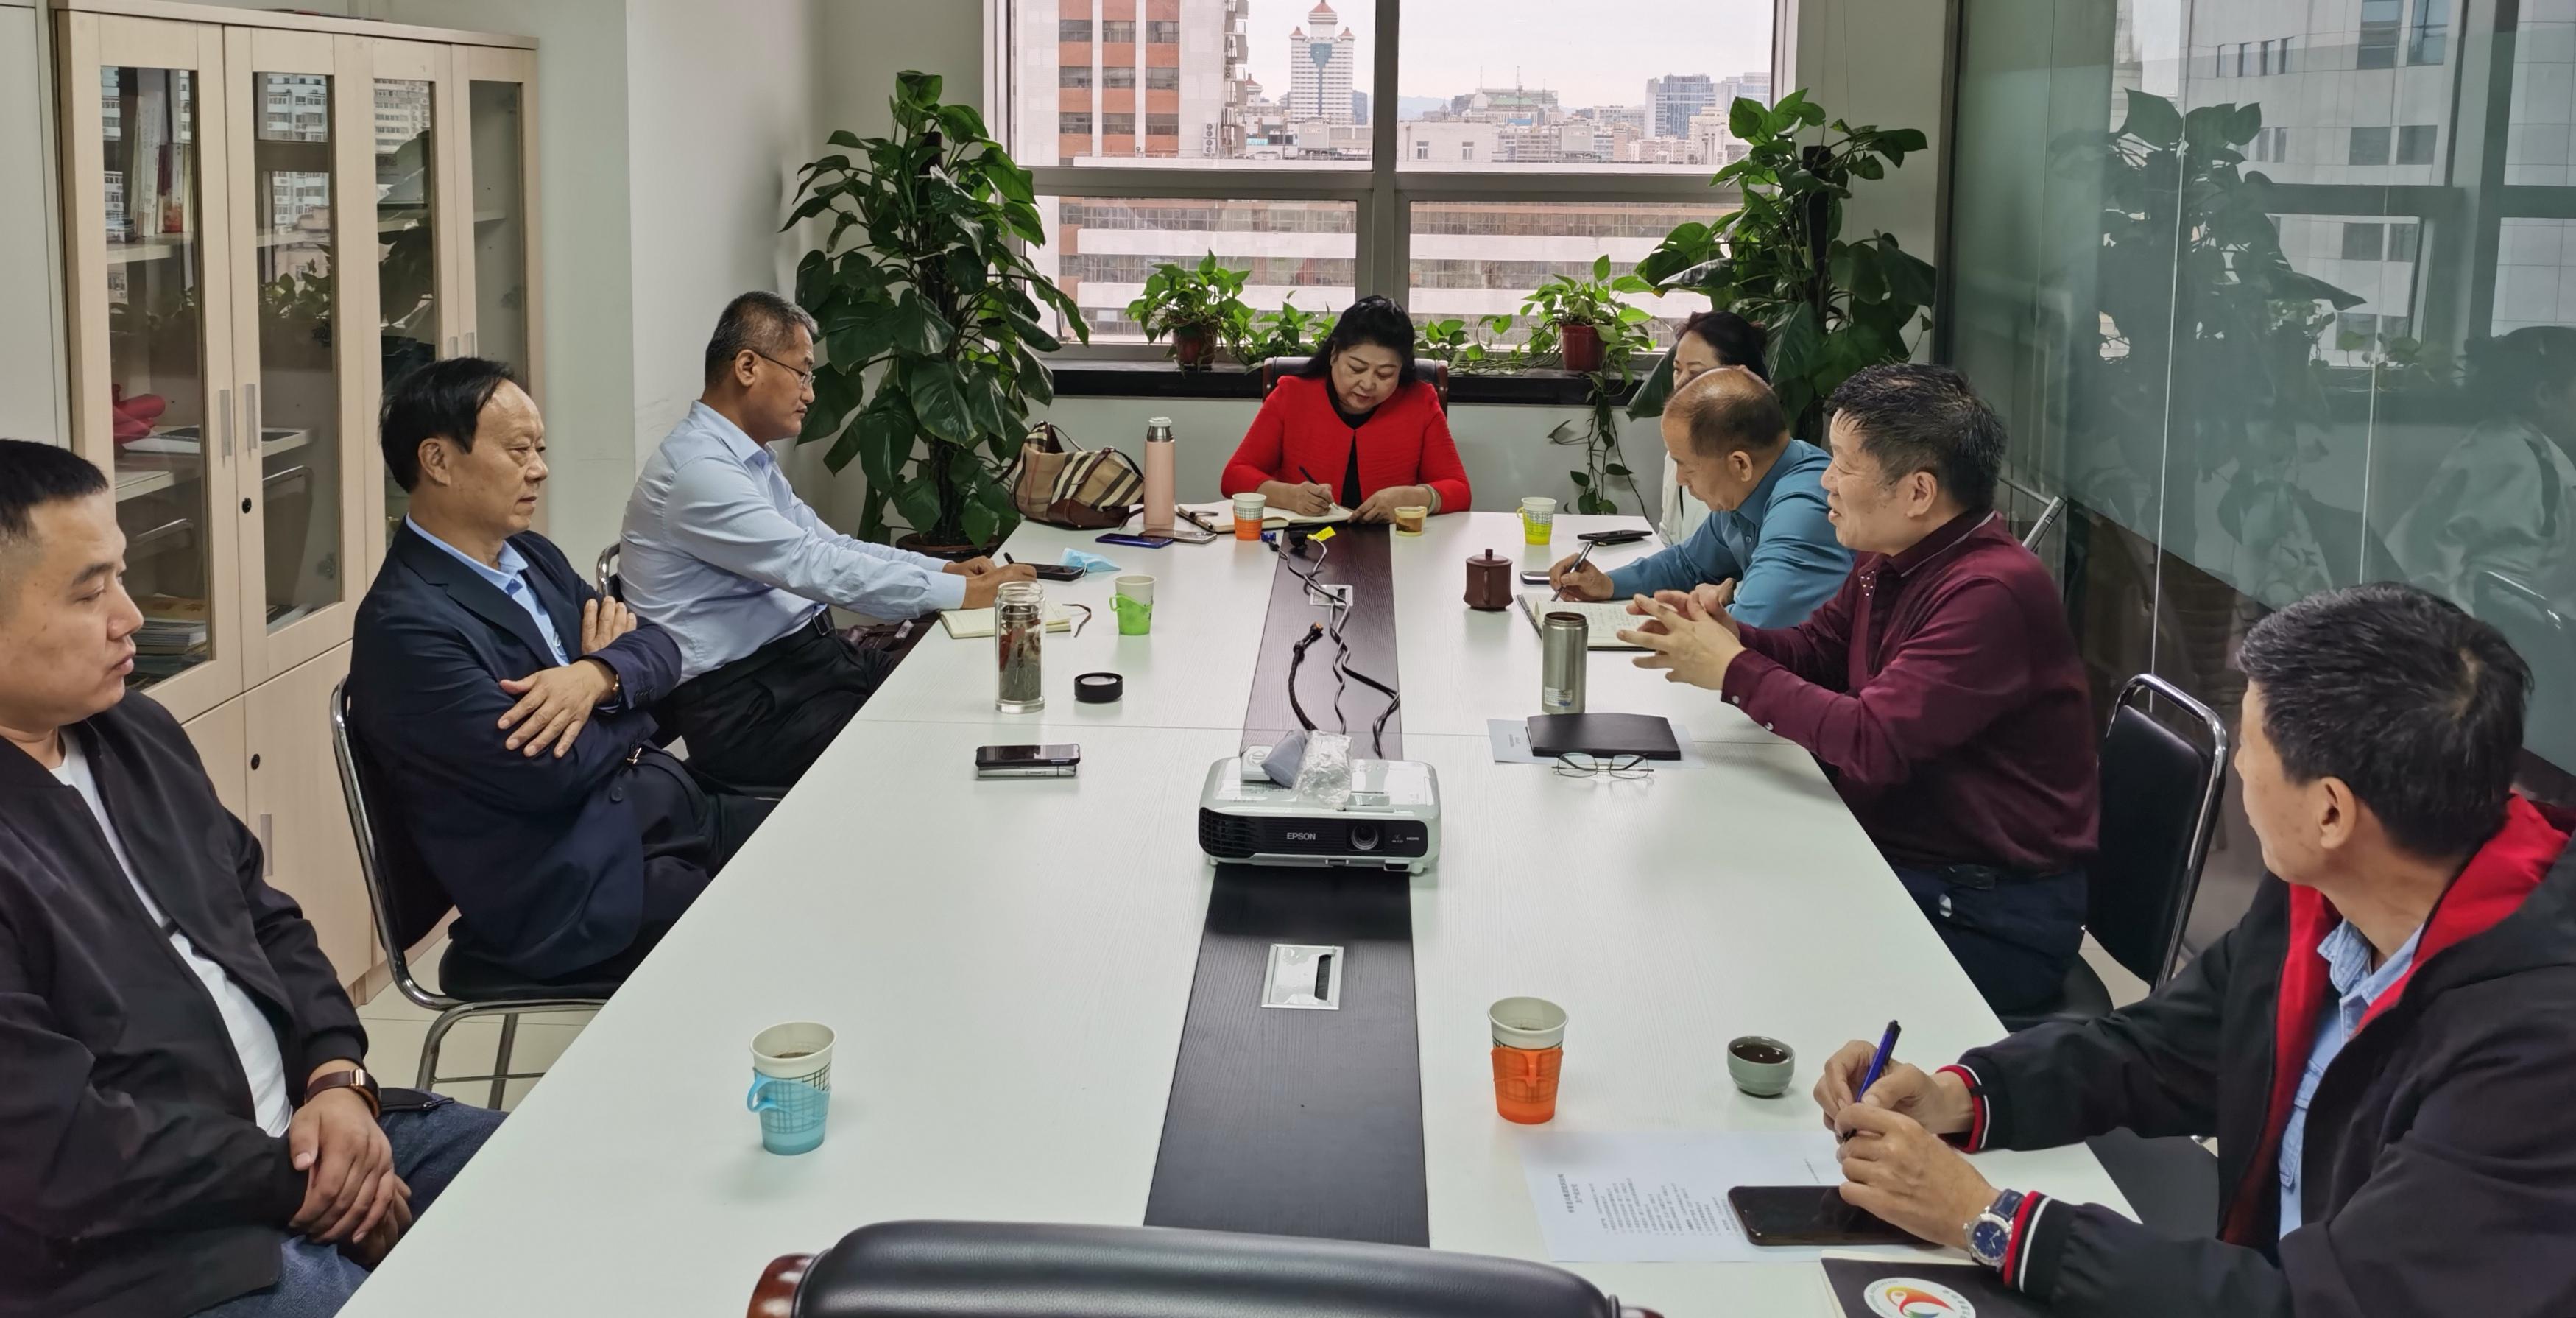 华夏老兵文化俱乐部和中太建设集团战略合作研讨会在京举办